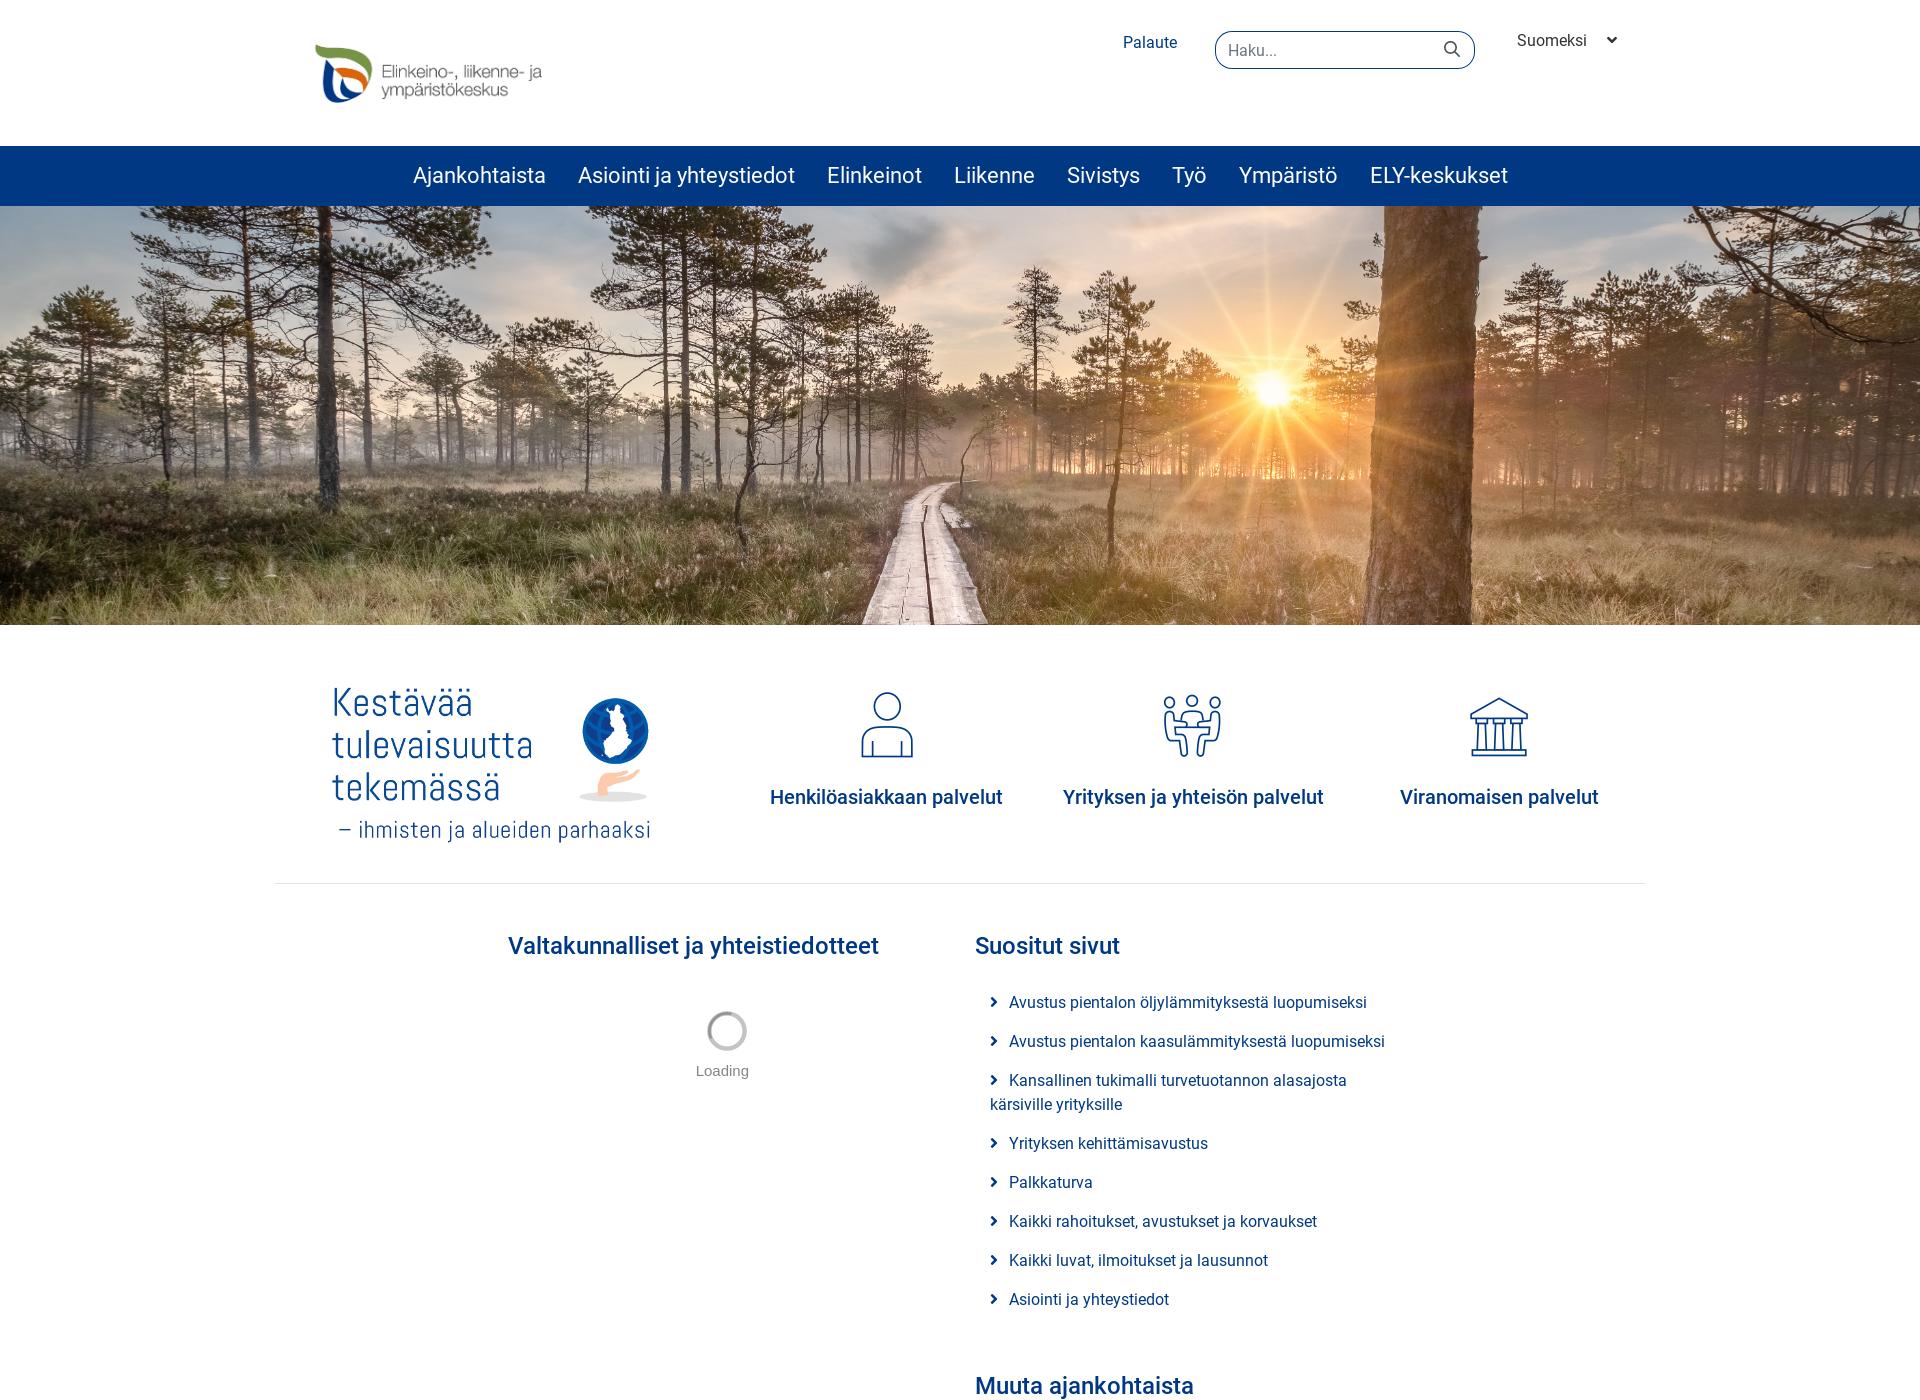 Screenshot for ely-keskus.fi